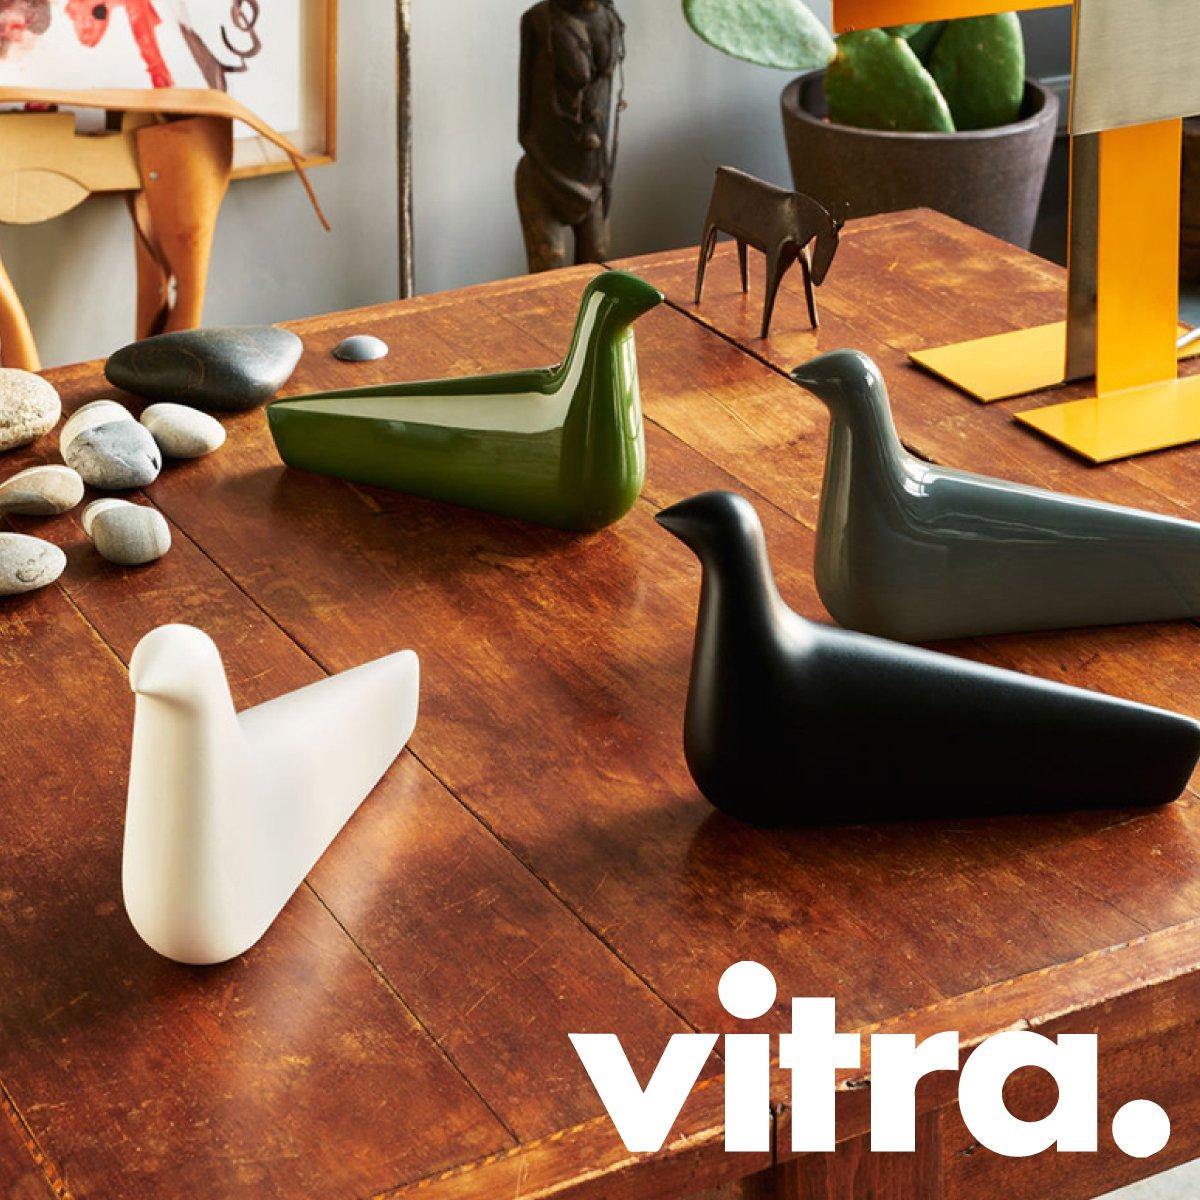 Le printemps est là et l&#39;été approche! Découvrez les nouveautés colorées @vitra sur le site -&gt;  http:// bit.ly/2myBVEN  &nbsp;   #design #new #sun <br>http://pic.twitter.com/UmYzyqSmHx